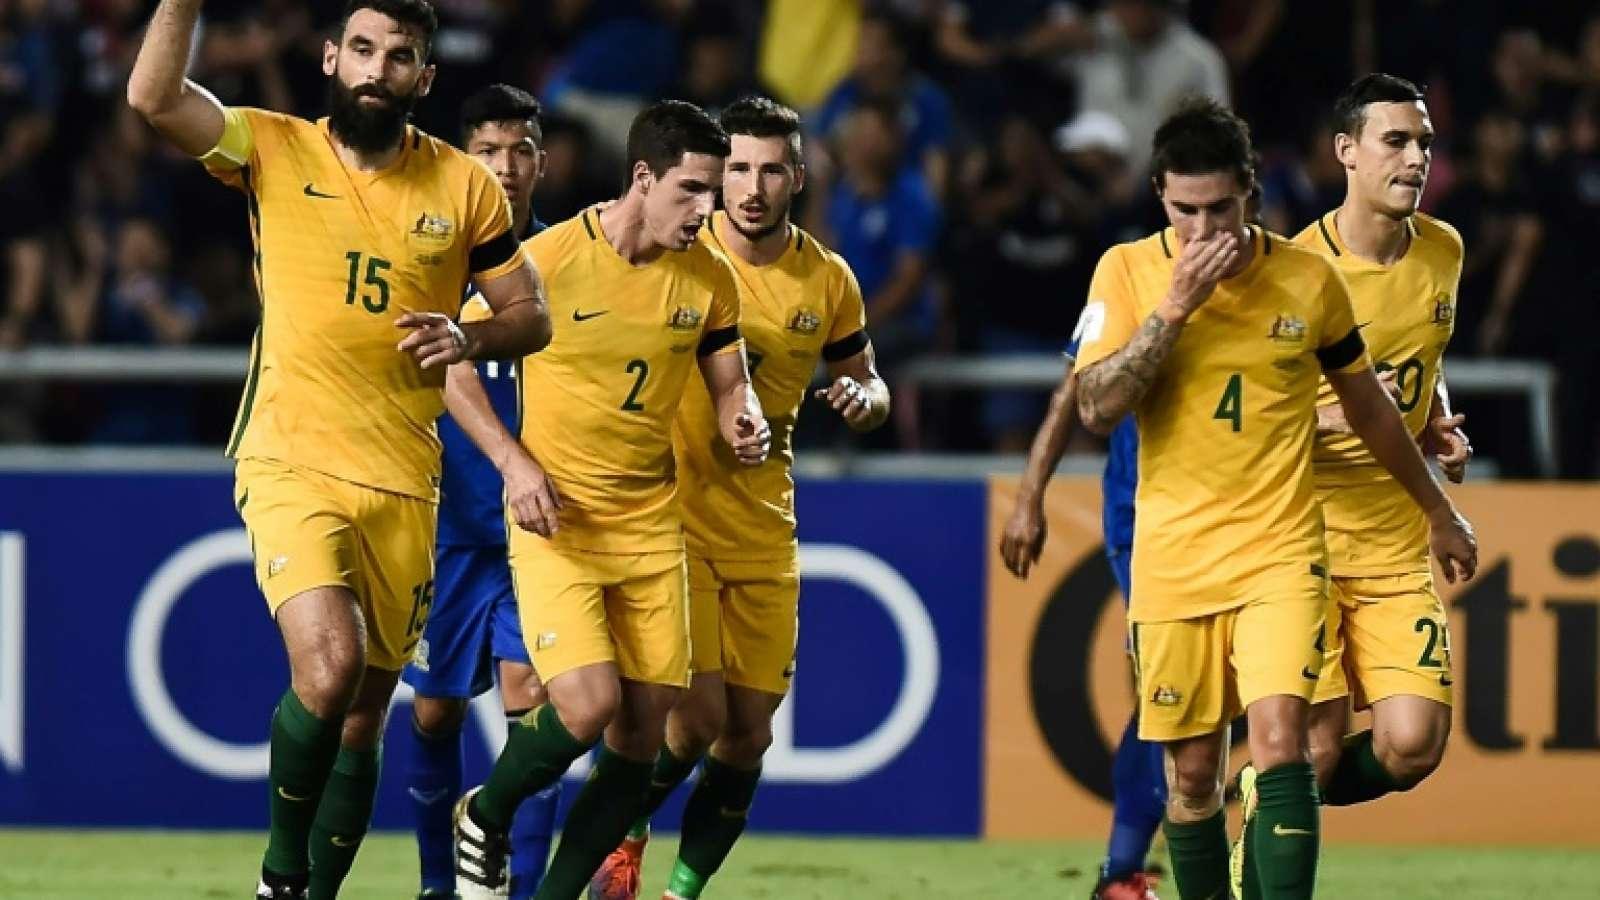 Kalahkan Honduras 3-1 Australia Pastikan Lolos Putaran Piala Dunia 2018